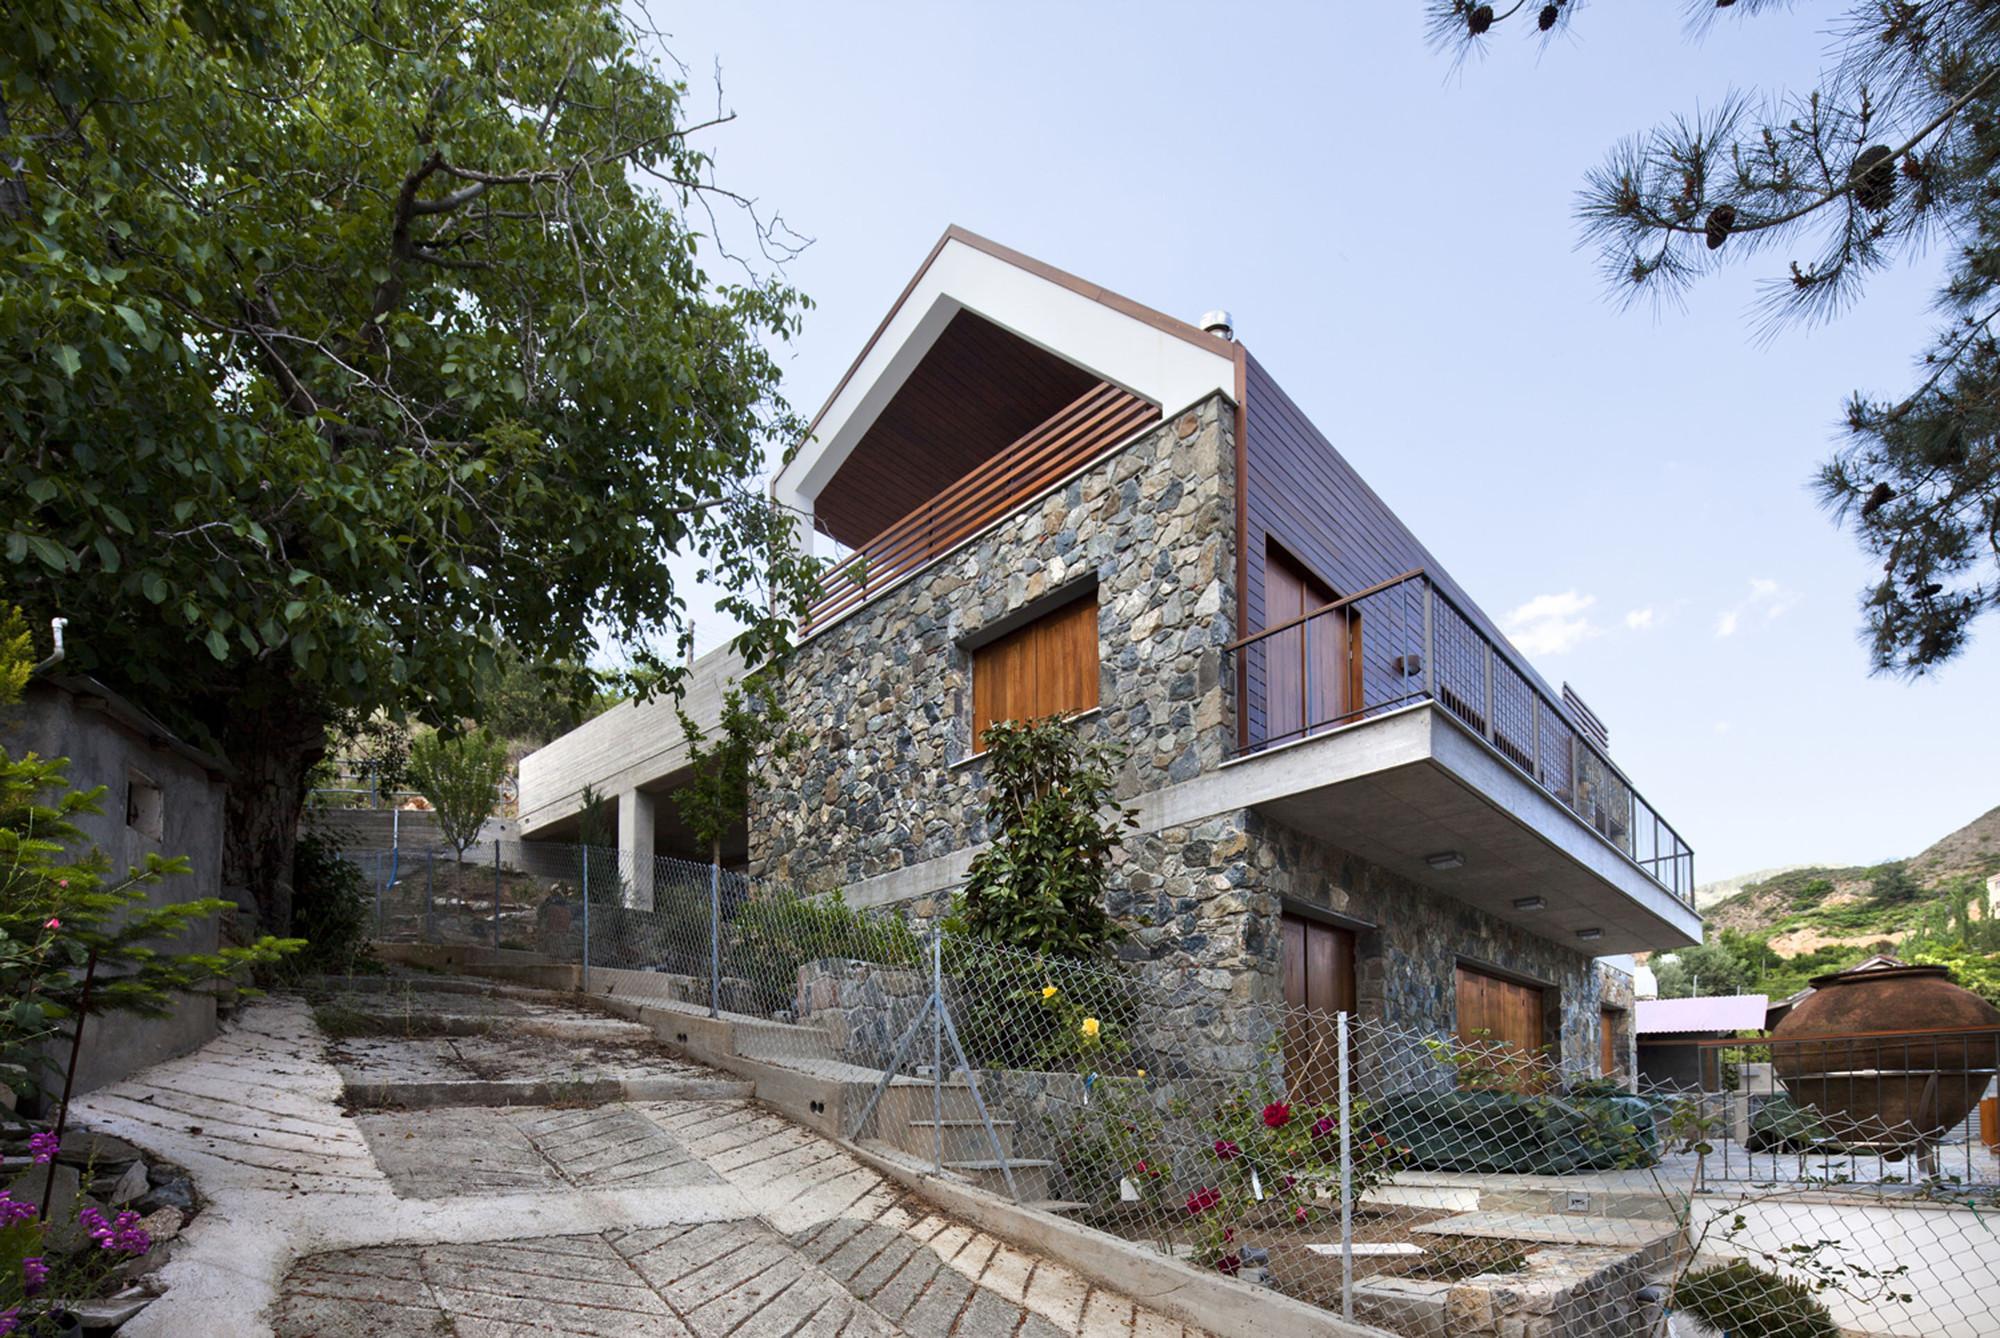 Serafides House / VARDAstudio, © Maria Efthymiou